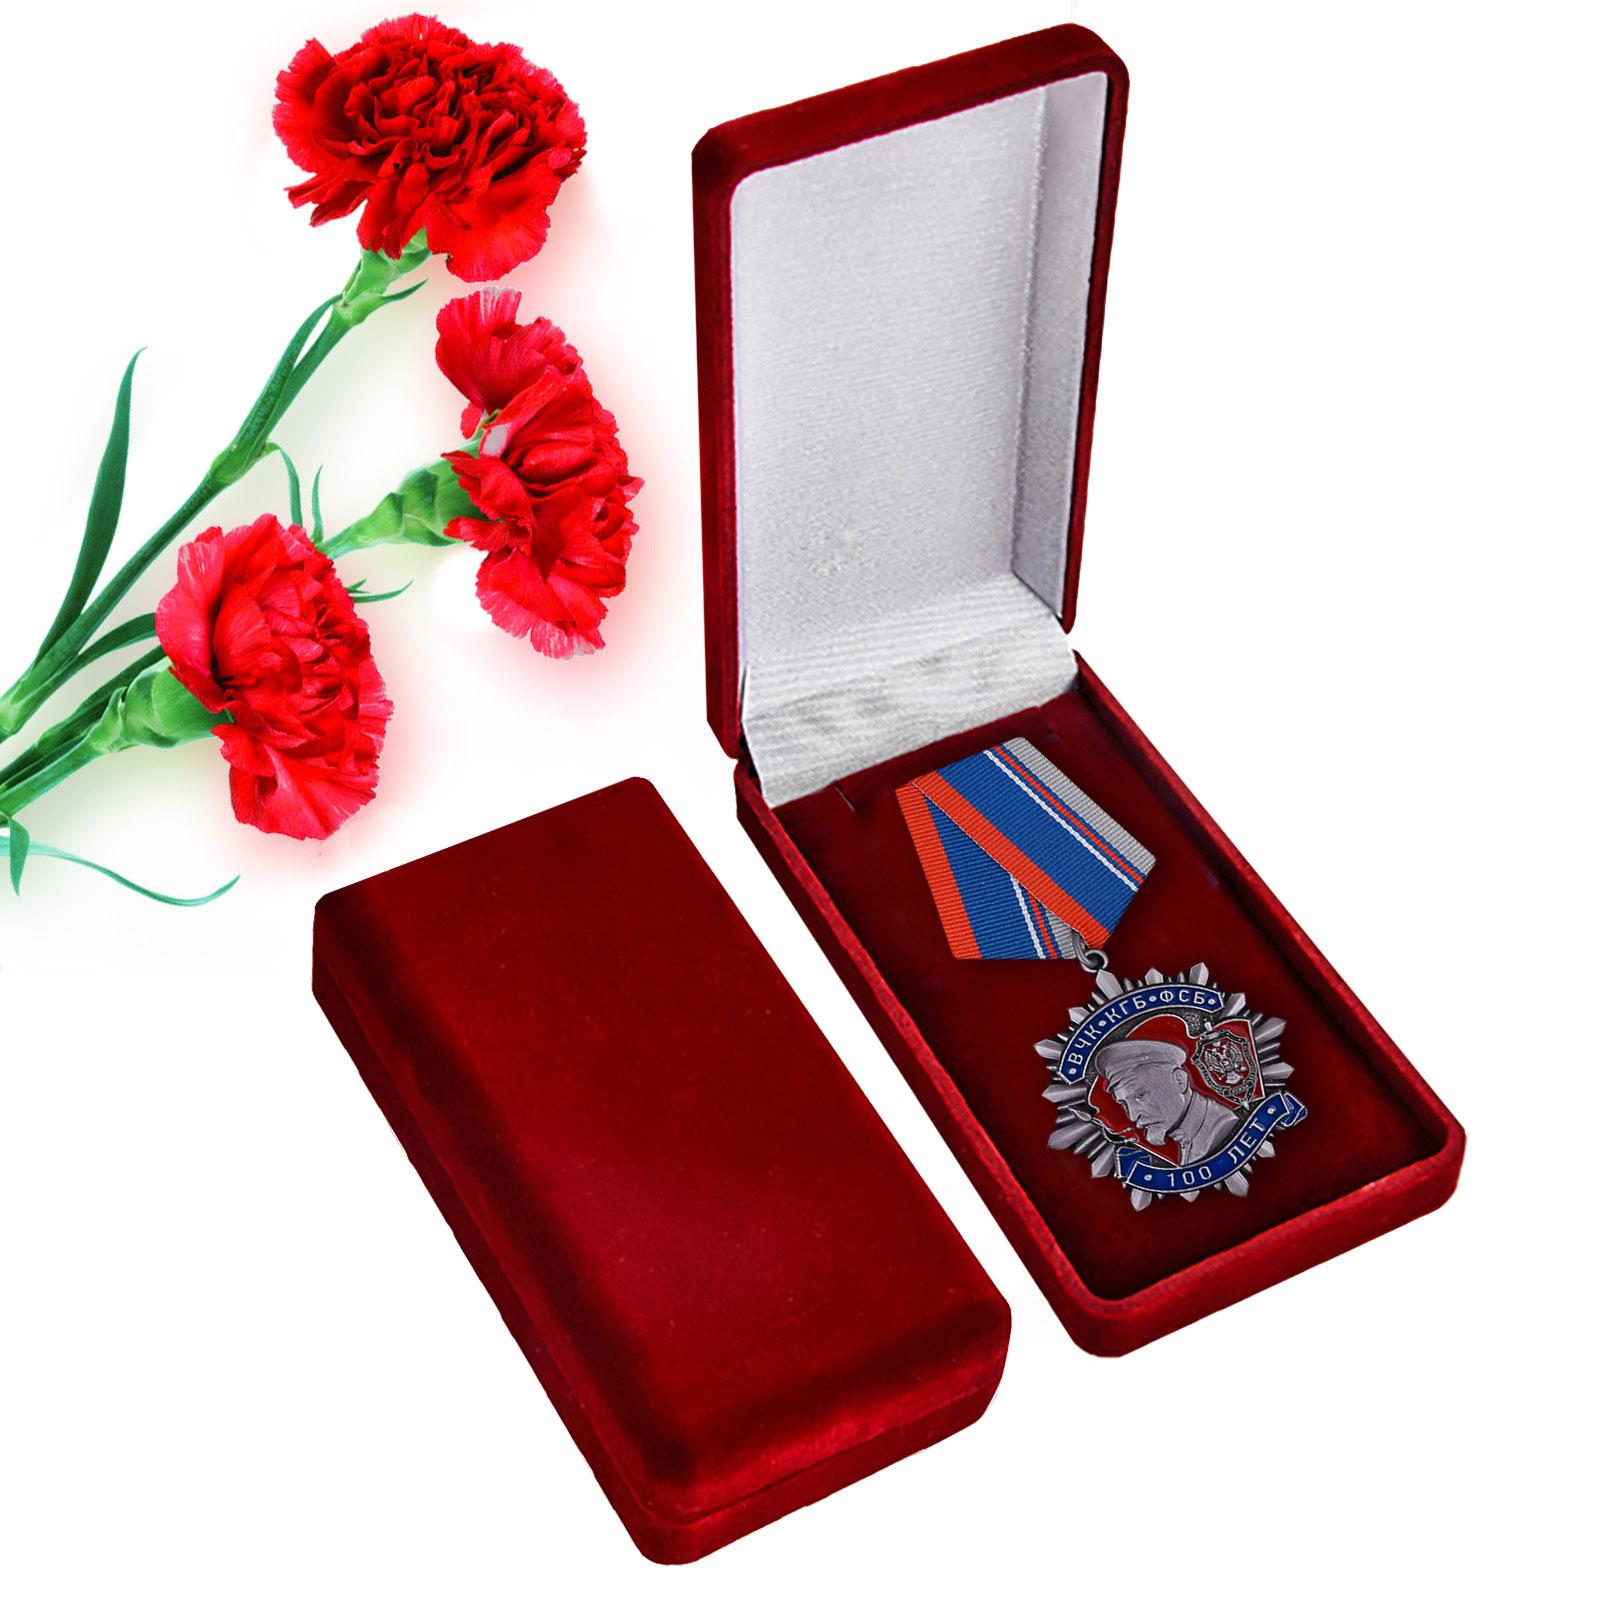 Юбилейный орден Дзержинского II степени в бархатном футляре